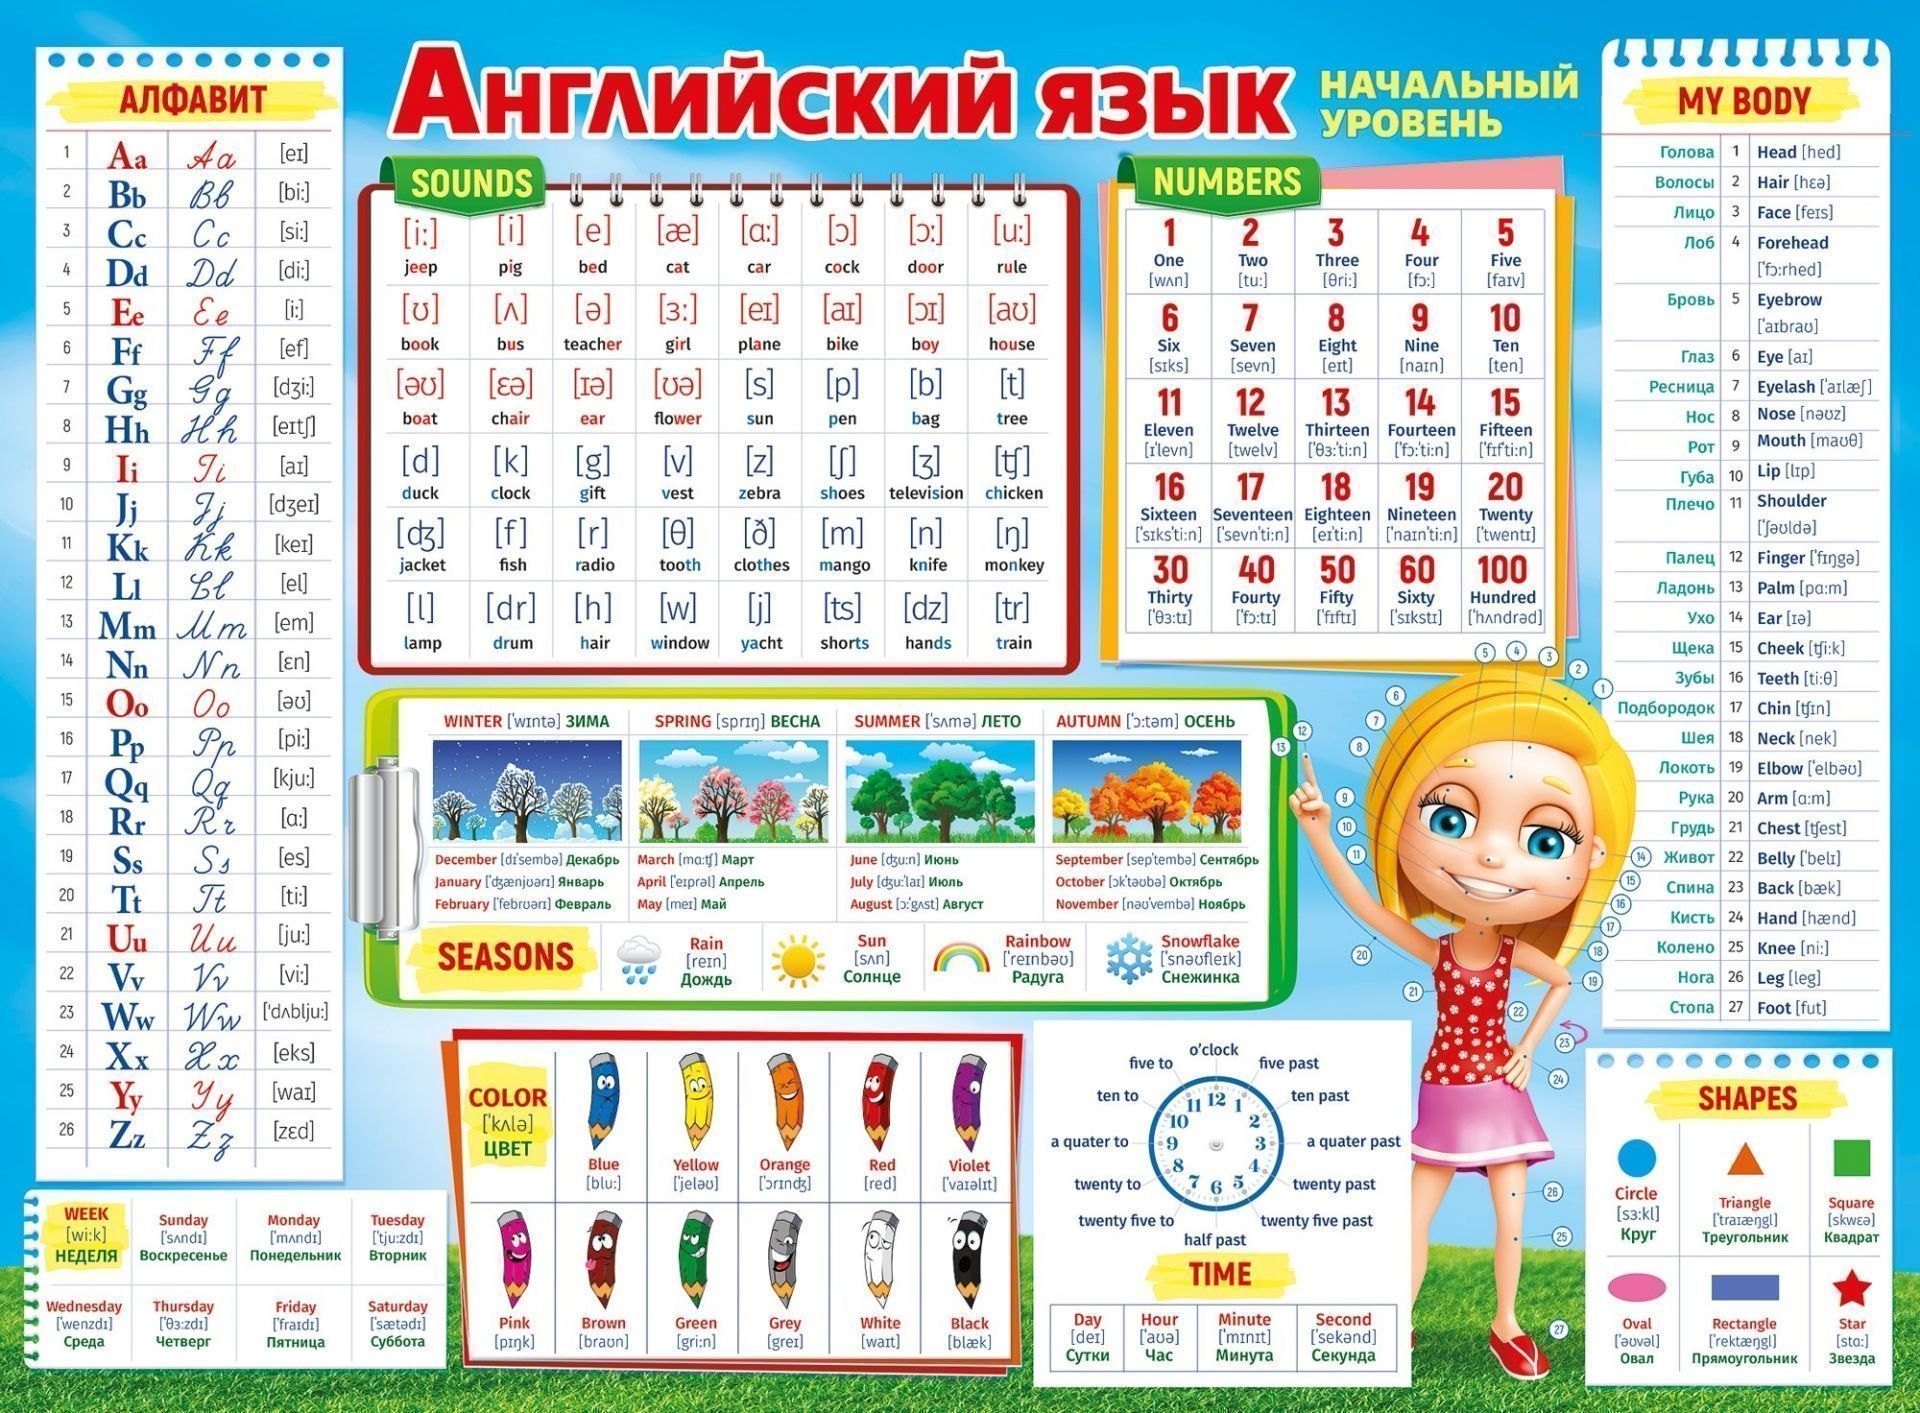 Плакат Английский язык. Начальный уровеньУчащимся и абитуриентам<br>Плакат разработан для того, чтобы помочь детям в изучении основ английского языка. На плакате есть информация по основным правилам английского языка.Формат А2. Материал: картон.<br><br>Год: 2017<br>Высота: 440<br>Ширина: 600<br>Толщина: 1